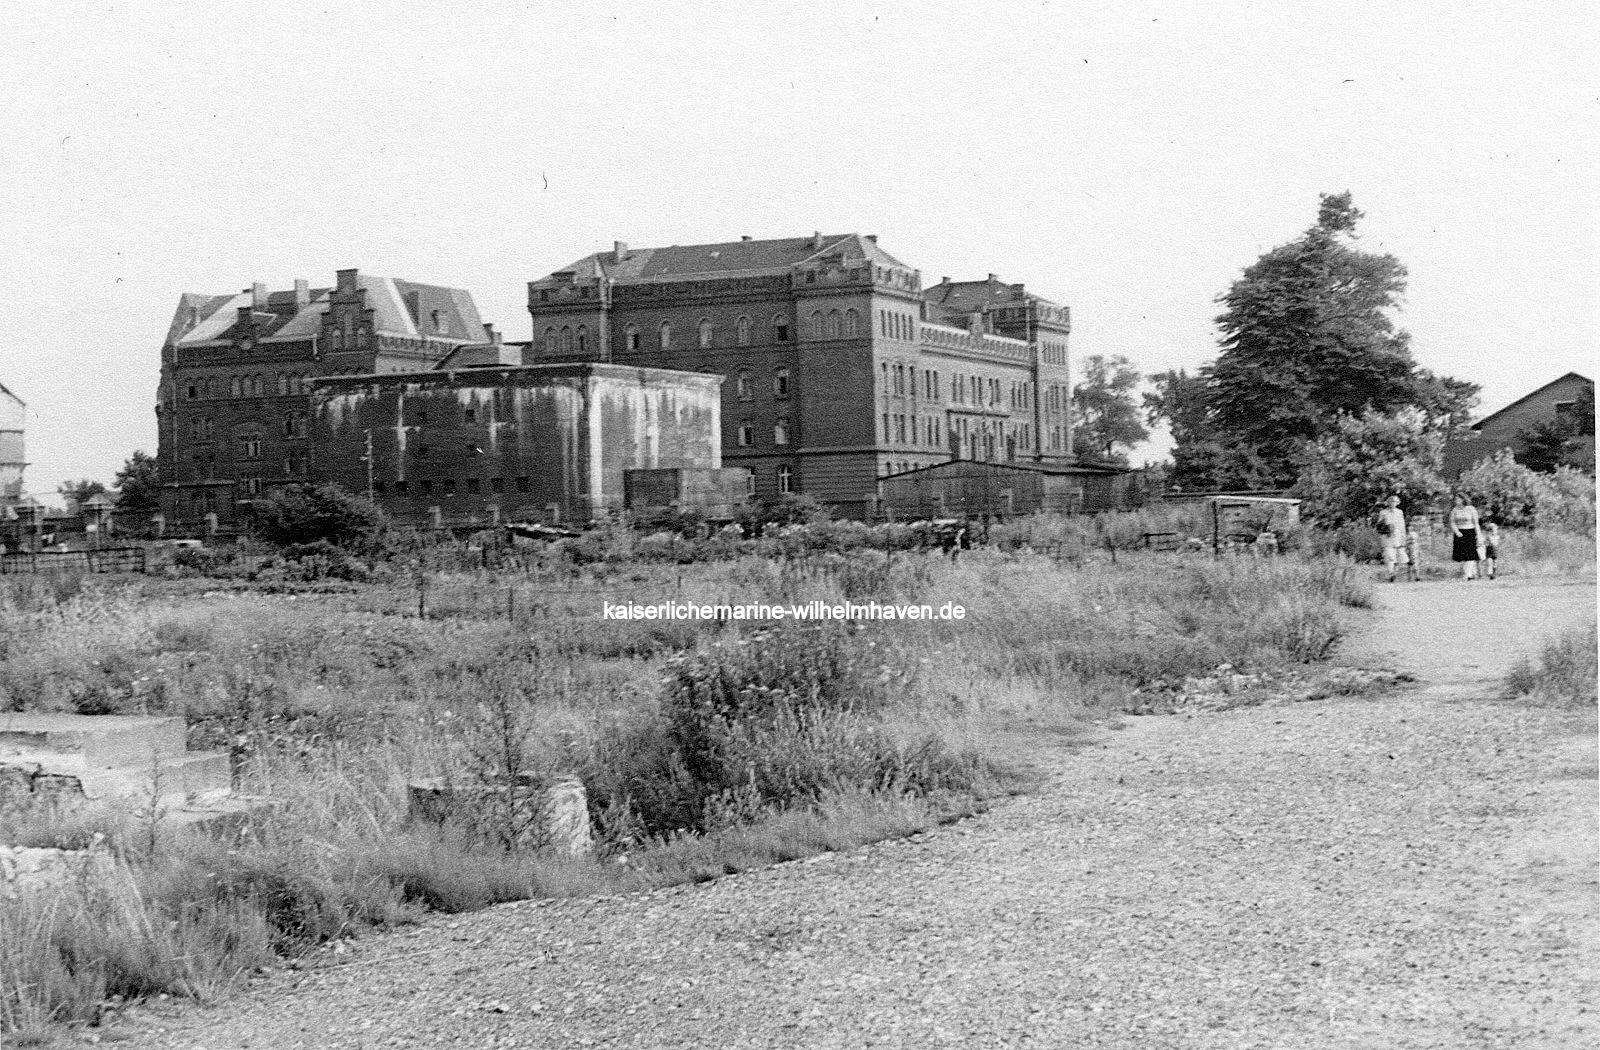 Foto aus den 50er-Jahren. Ansicht von Nordwest. Deutlich zu sehen die Lücke in der Gebäudefront, im Vordergrund ein Mannschaftsbunker